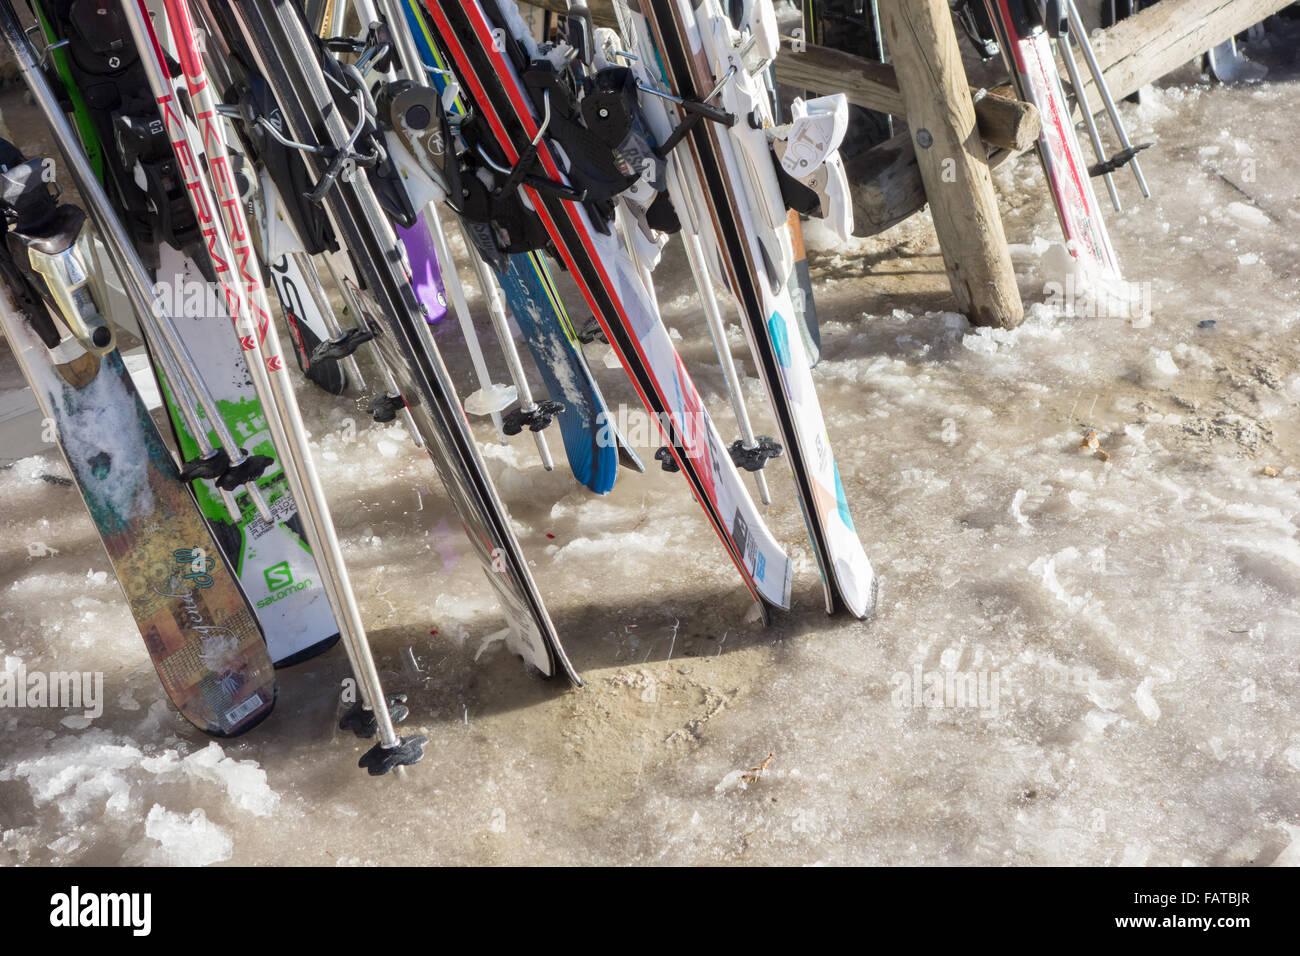 Ski in Ski-Rack auf schmelzendem Schnee während ungewöhnlich warme Wetter - Courchevel, Frankreich Stockbild